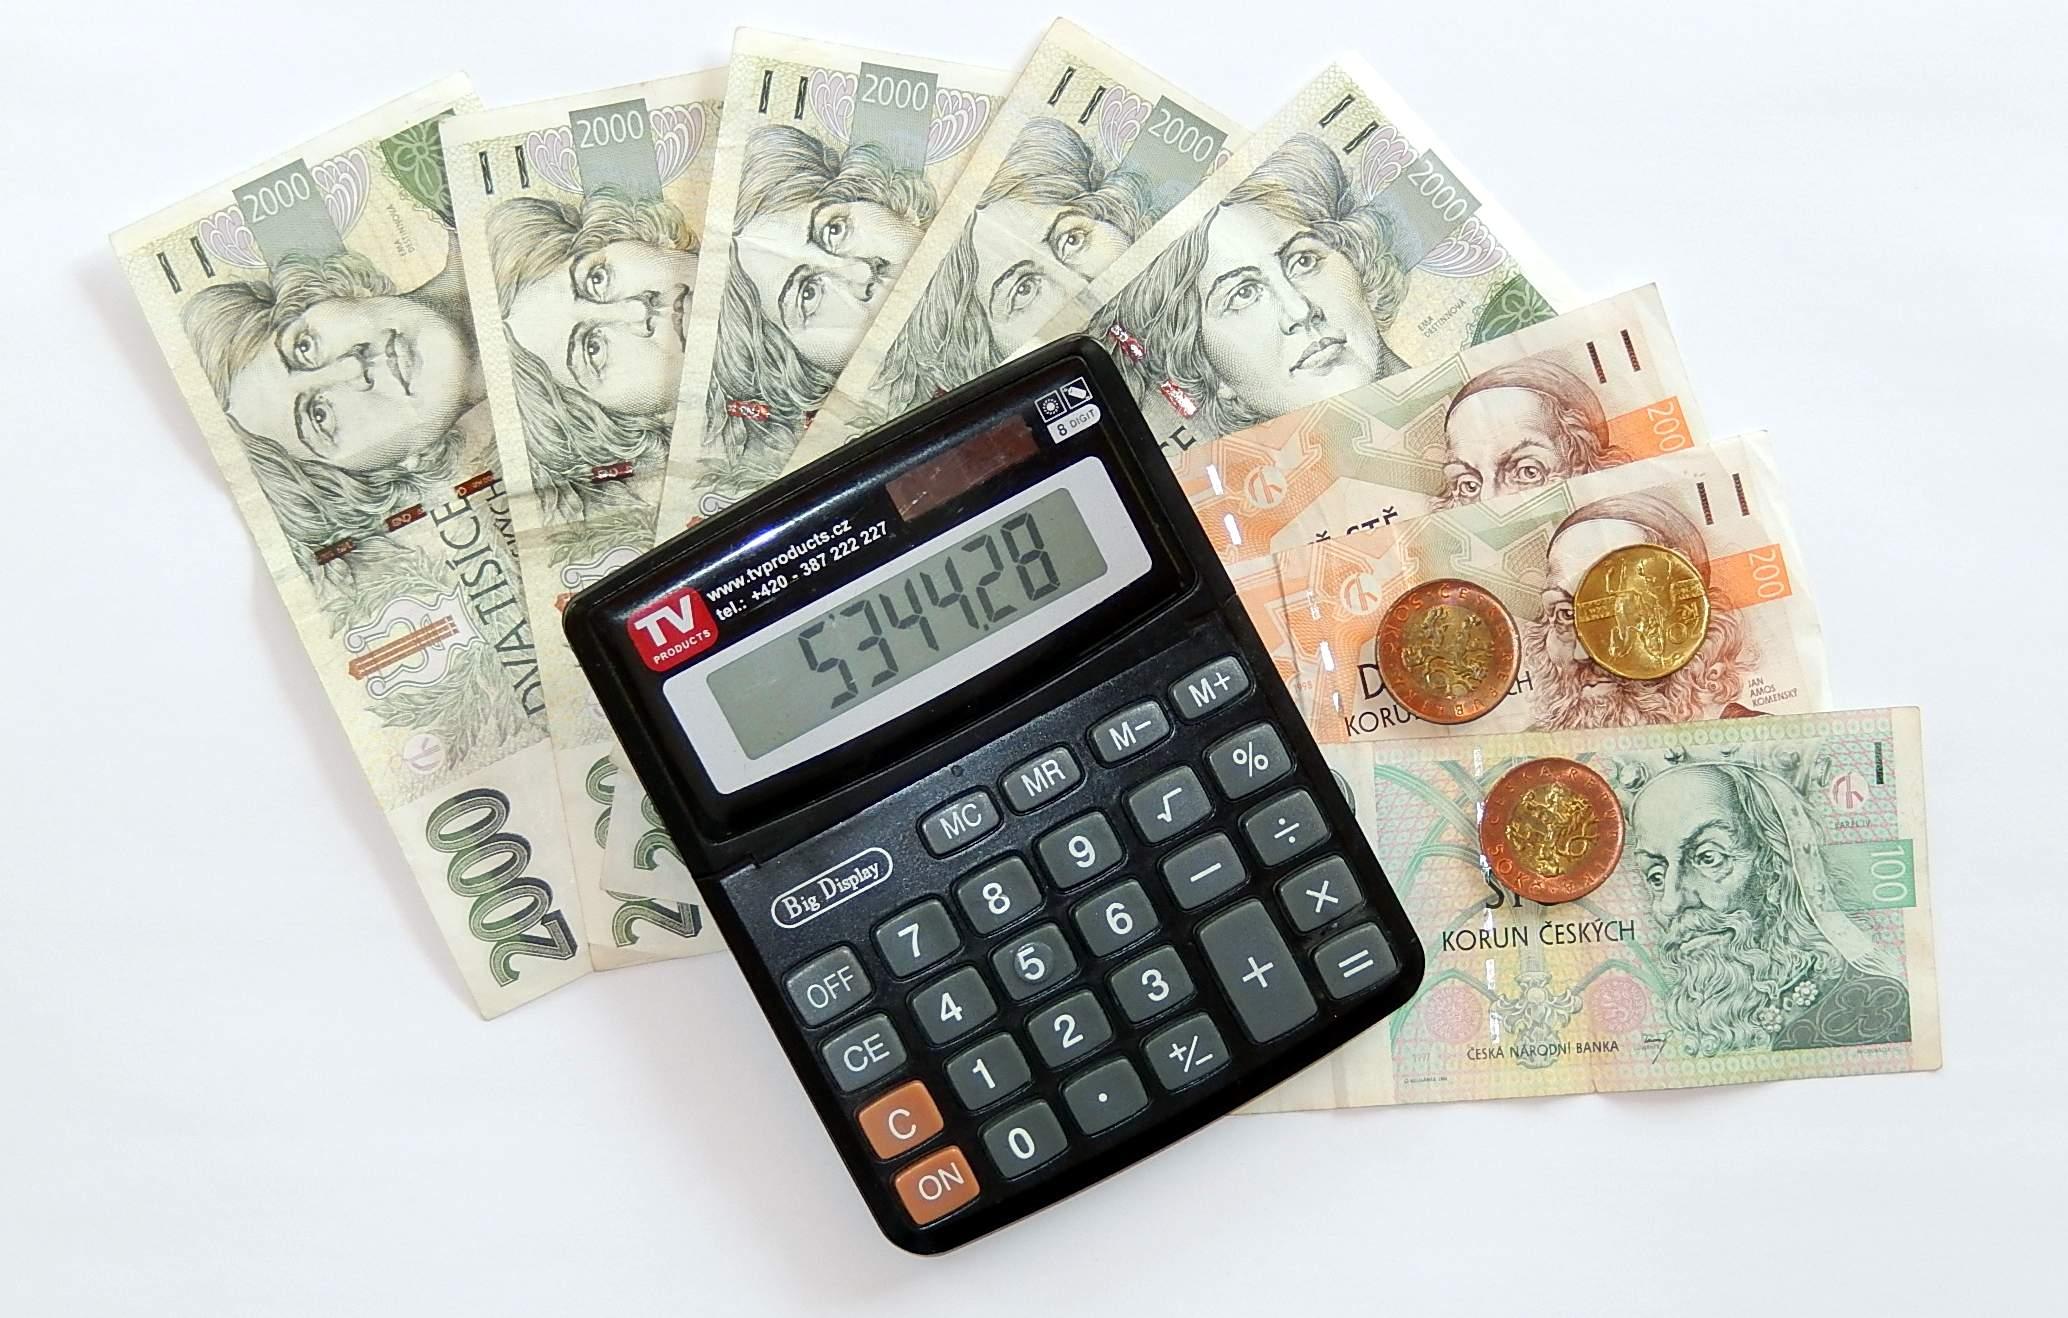 Relativní datování provádí